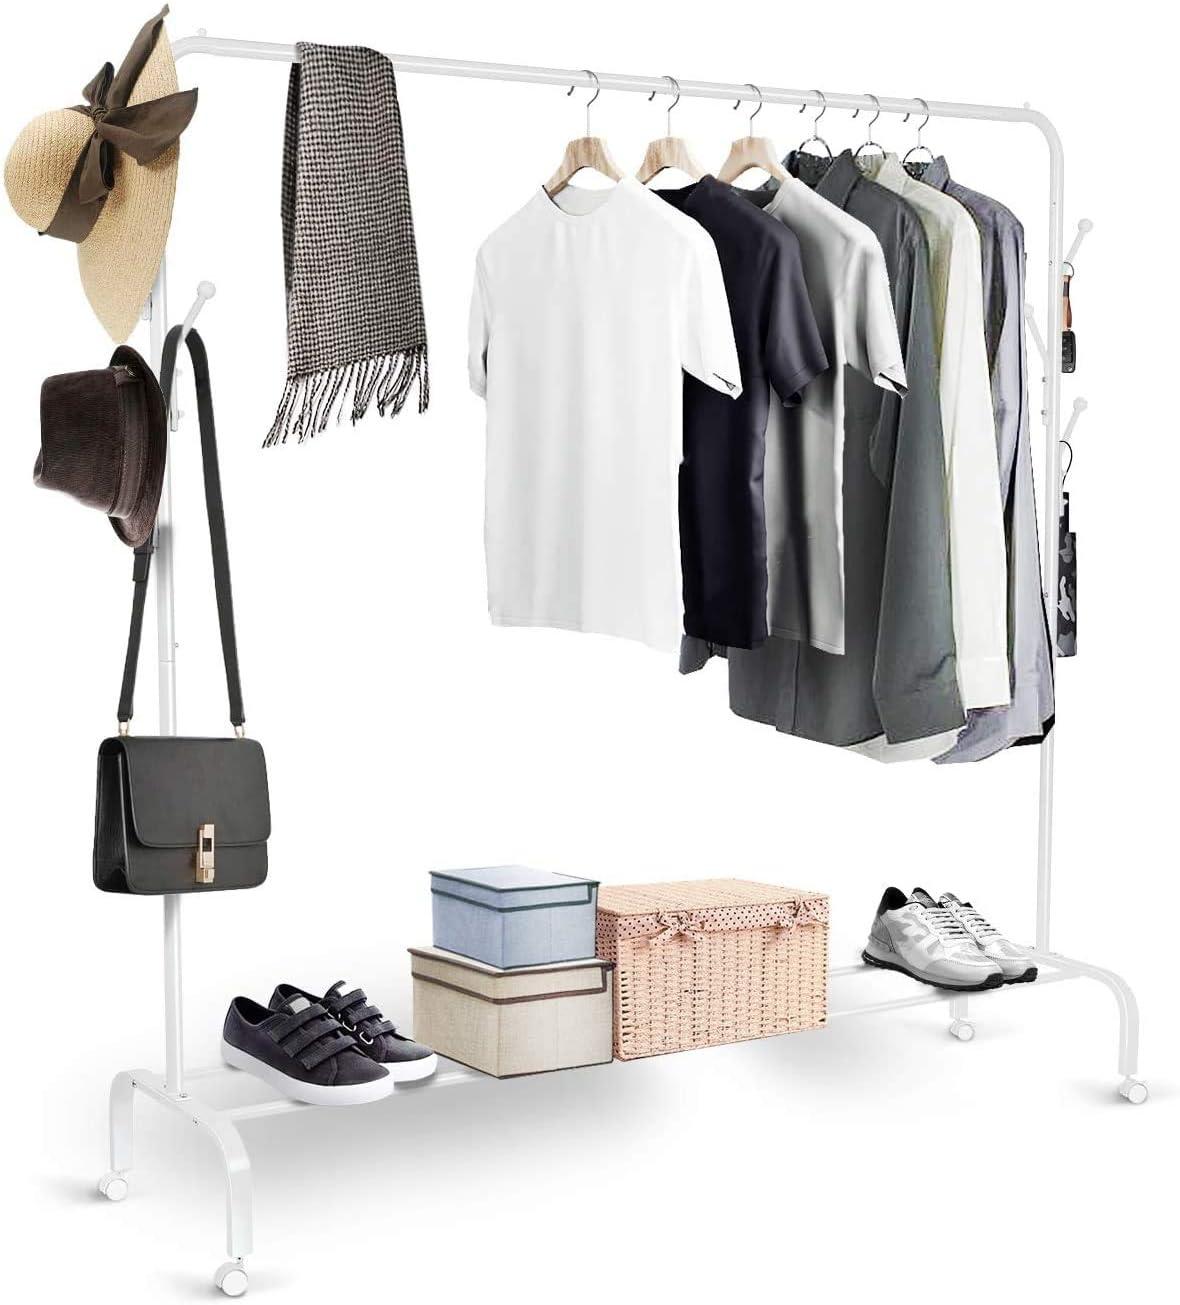 YORKING Kleiderst/änder Kleiderstange Rollgarderobe Garderobenst/änder Aufbewahrung Metall f/ür Schlafzimmer Flur